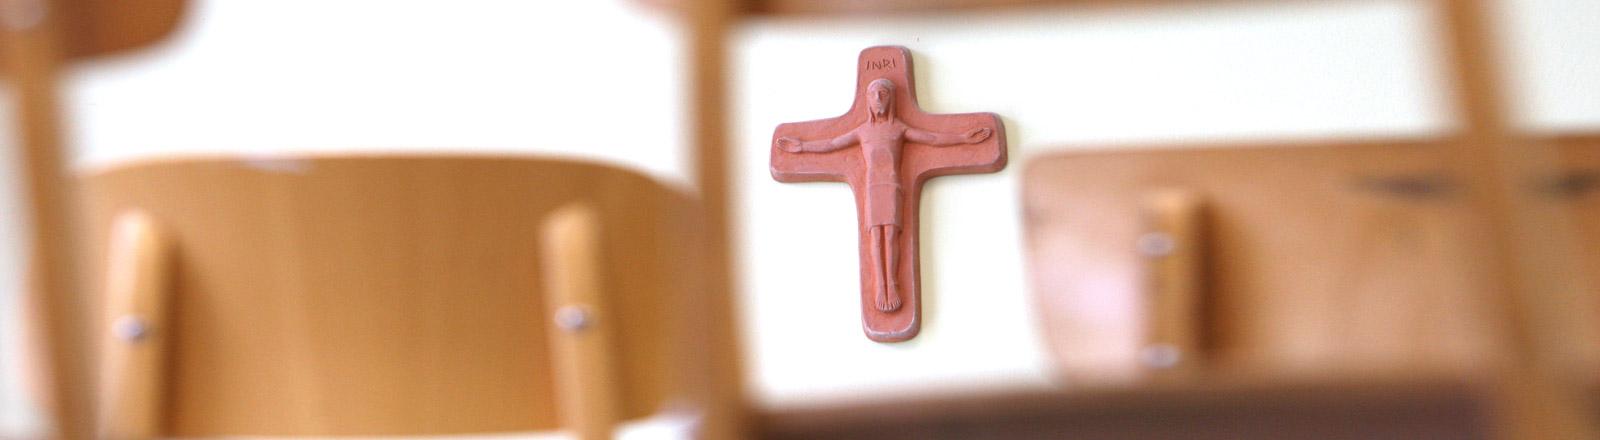 Ein Kruzifix in einem Klassenraum.